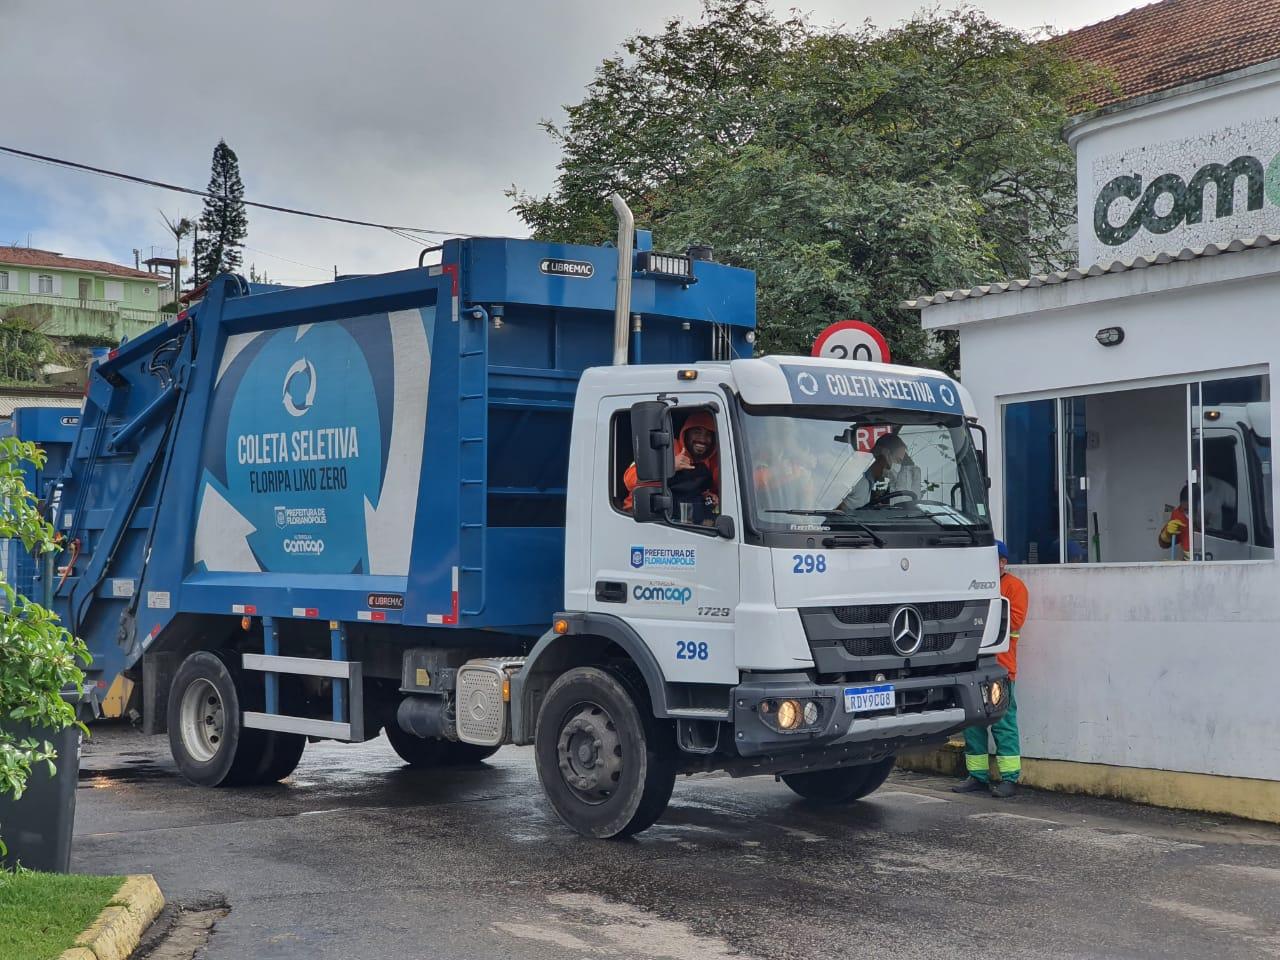 Expansão da seletiva: coleta de recicláveis atende mais 50 ruas